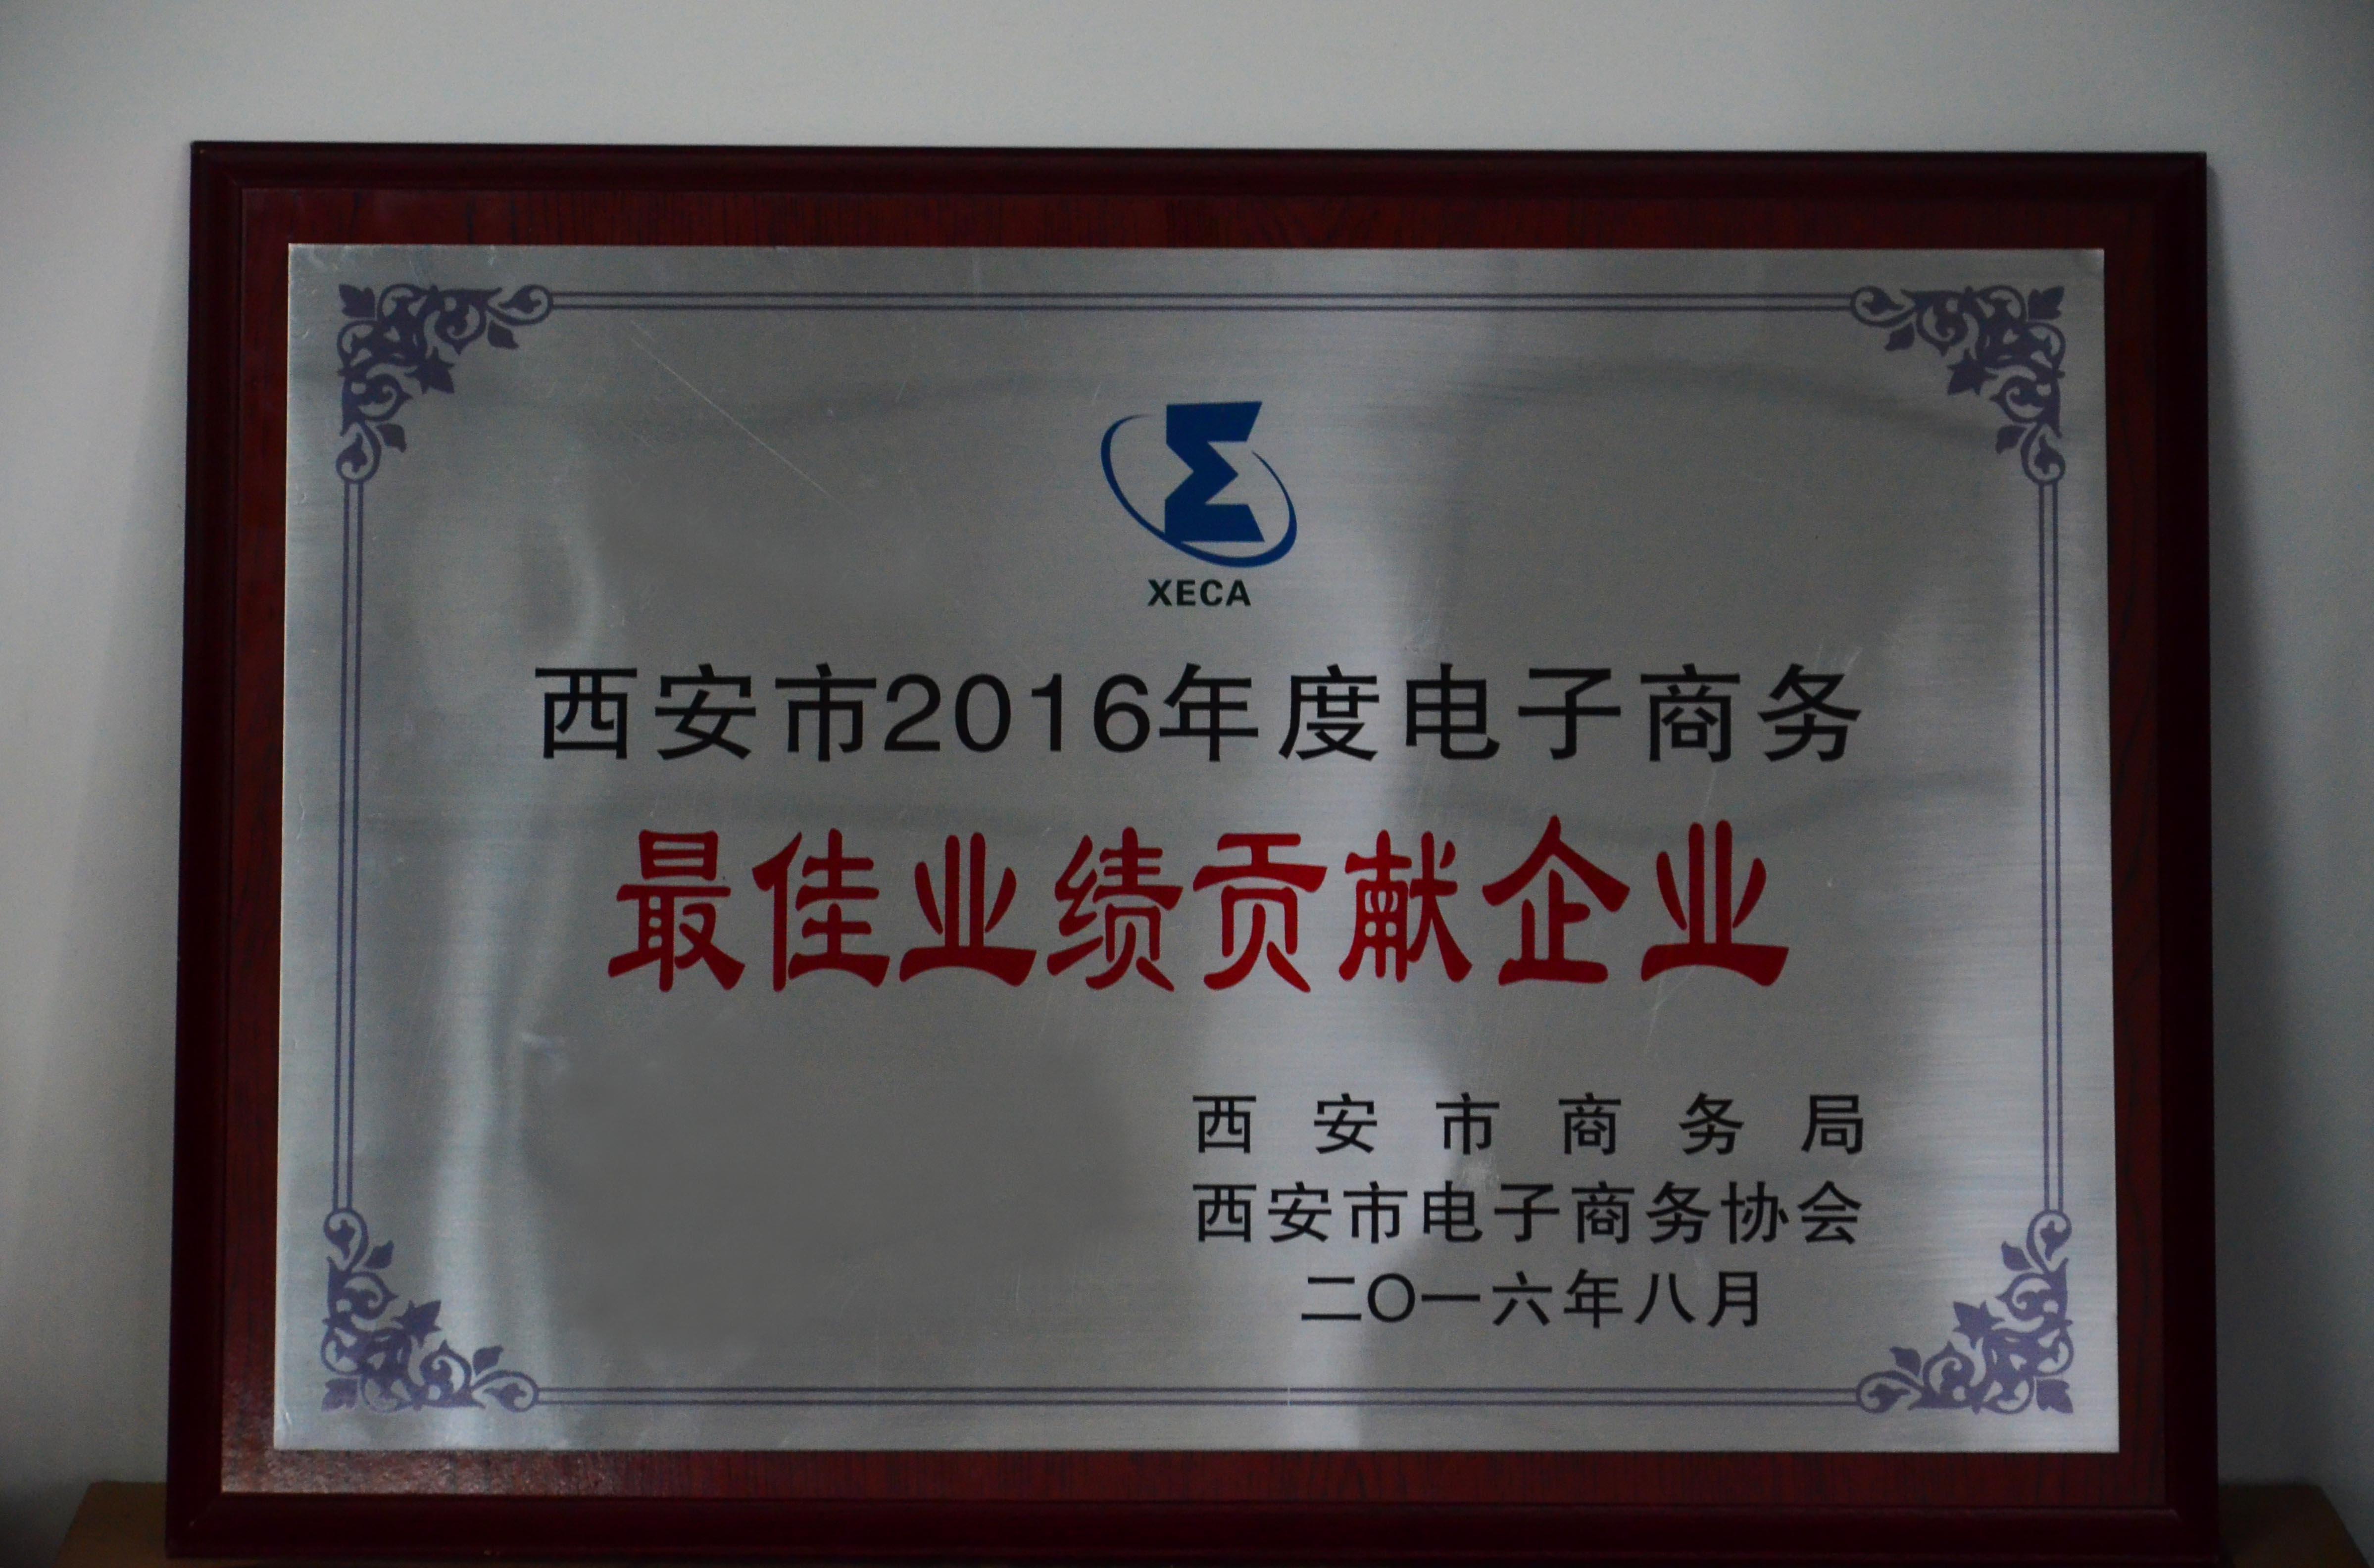 恭喜创客云商获得西安市2016年电子商务最佳业绩贡献企业奖